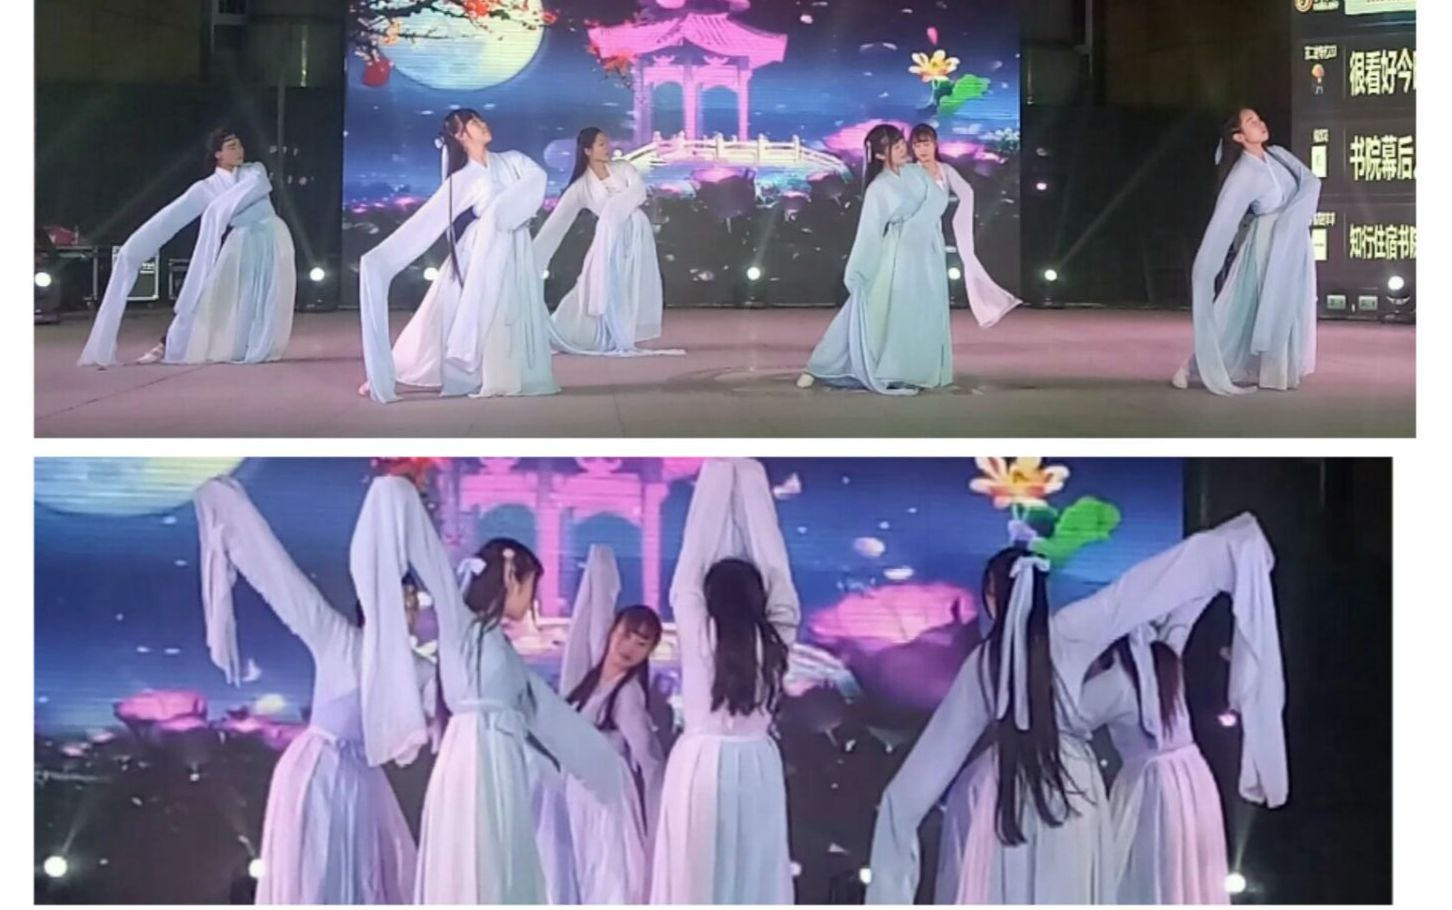 【西亚斯华夏汉服社】惊鸿舞表演图片